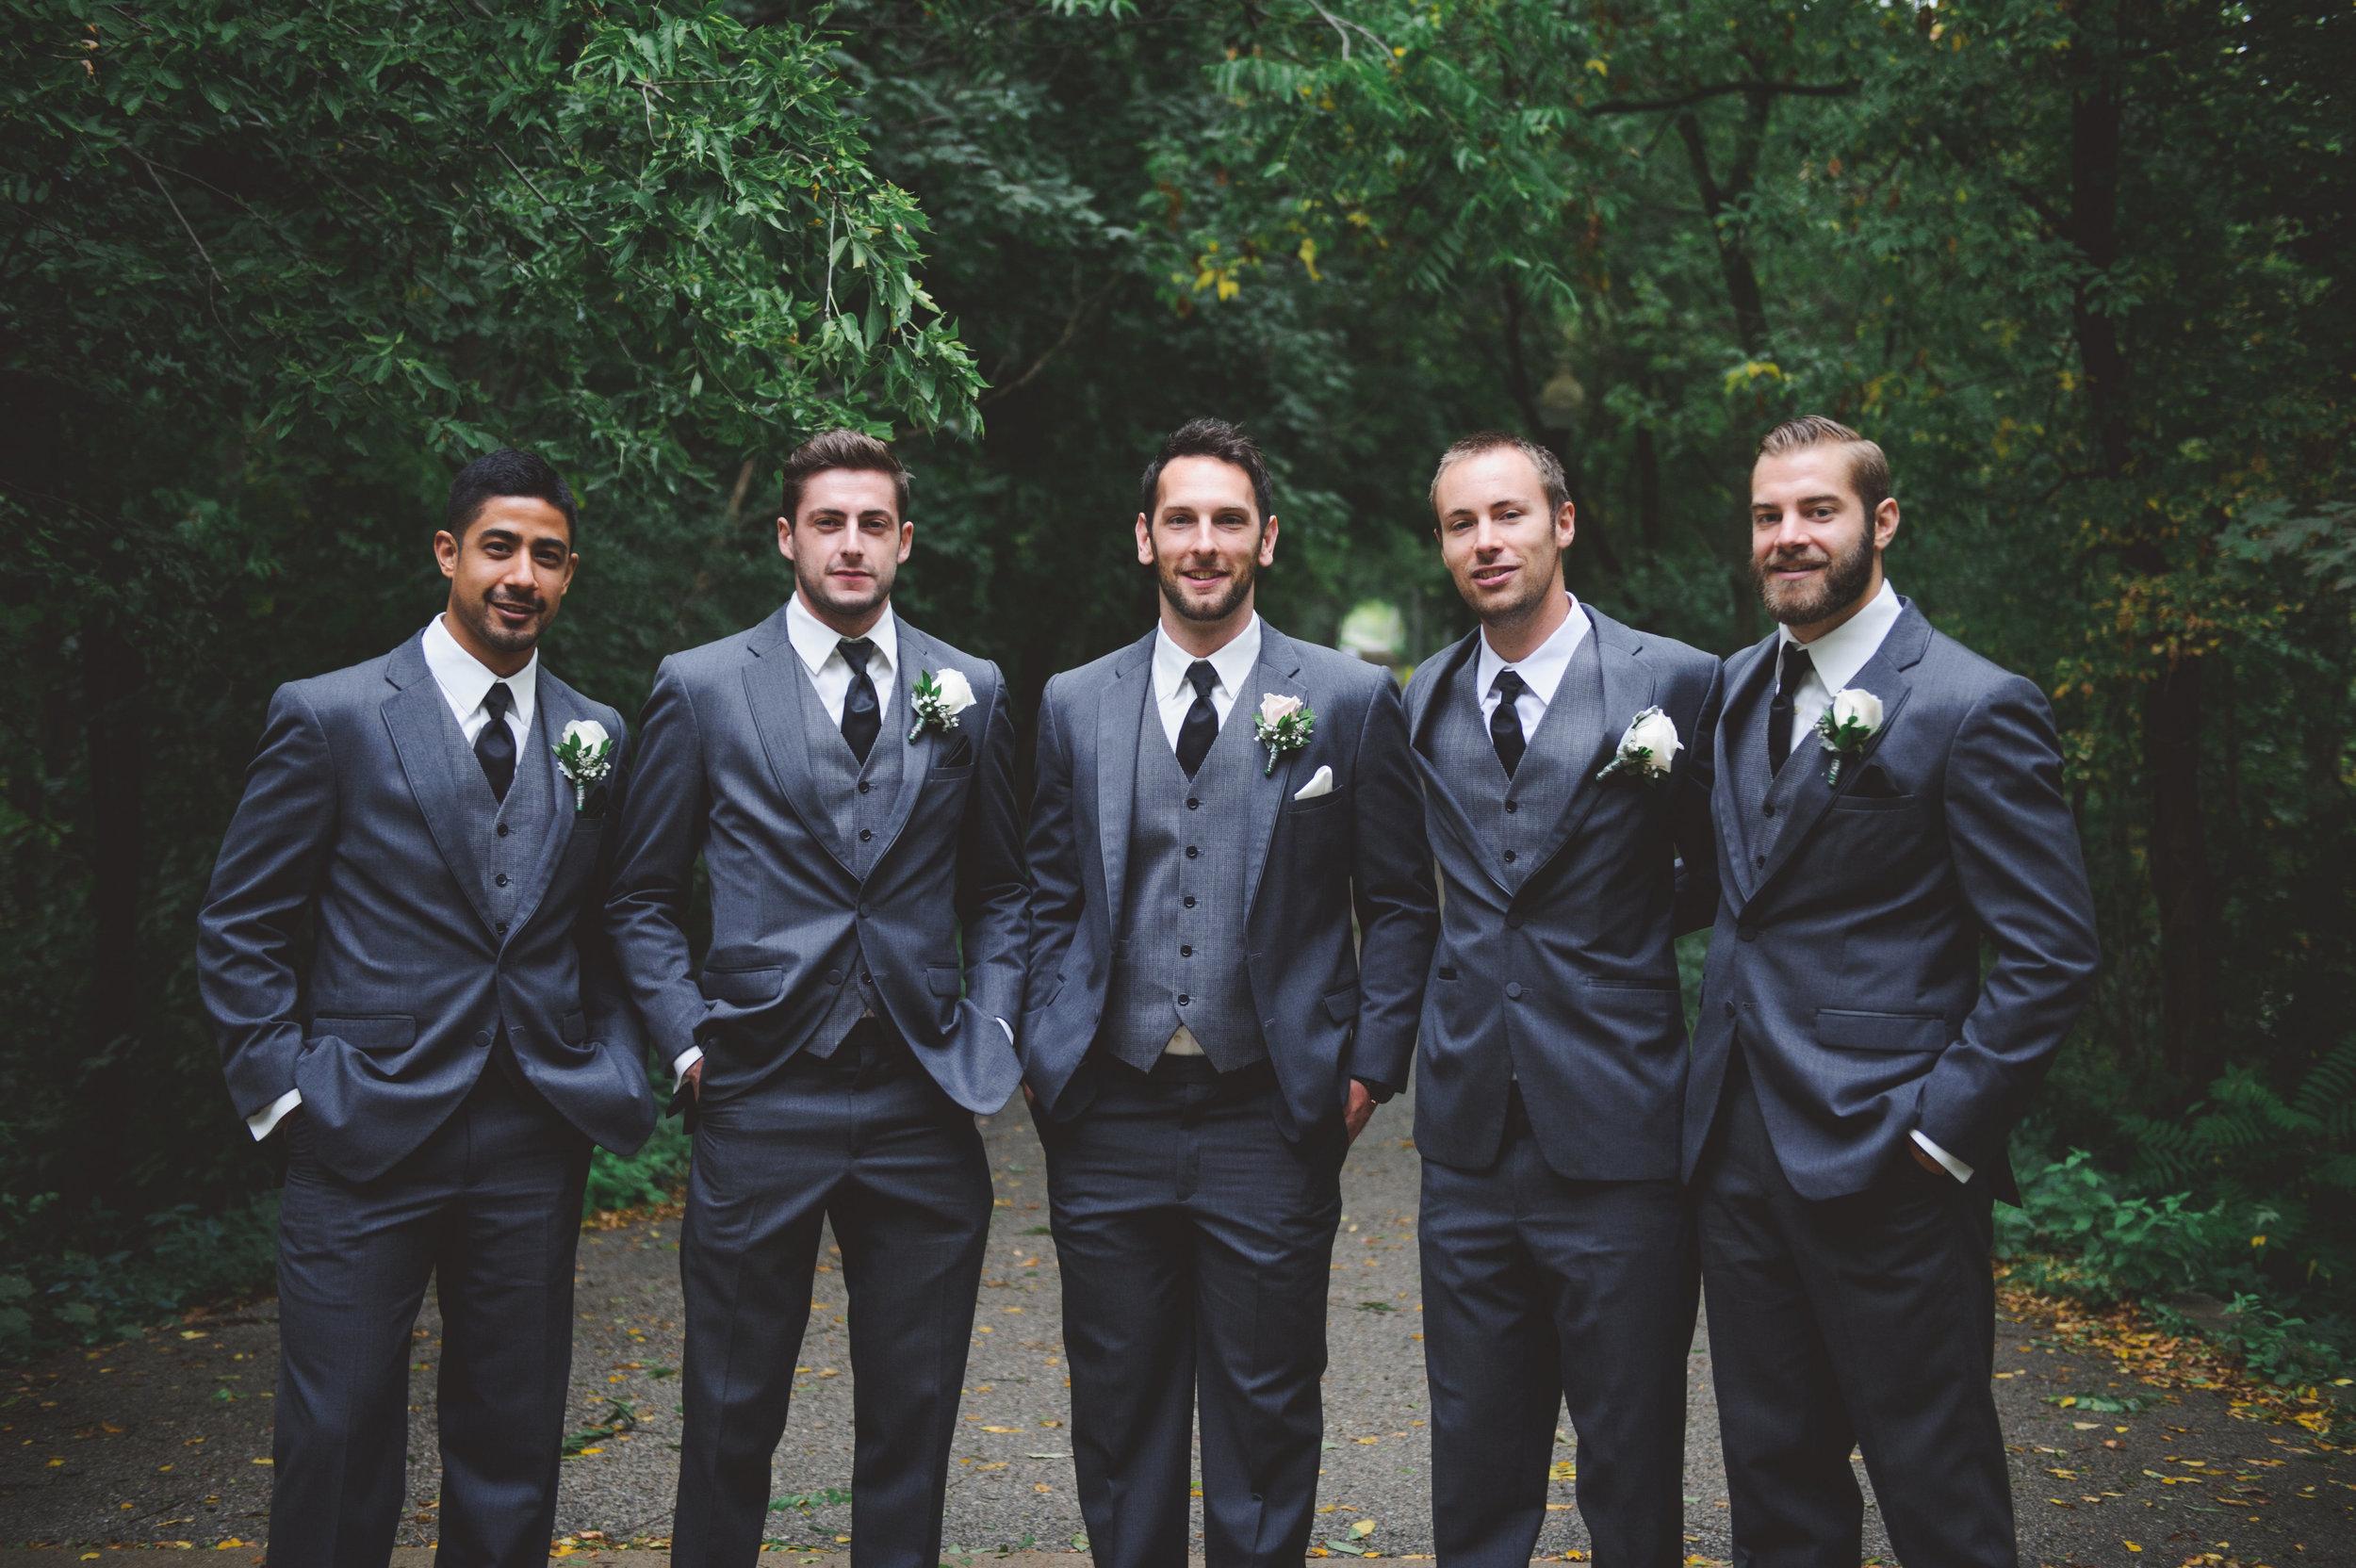 groomsmen-charcoal-suits